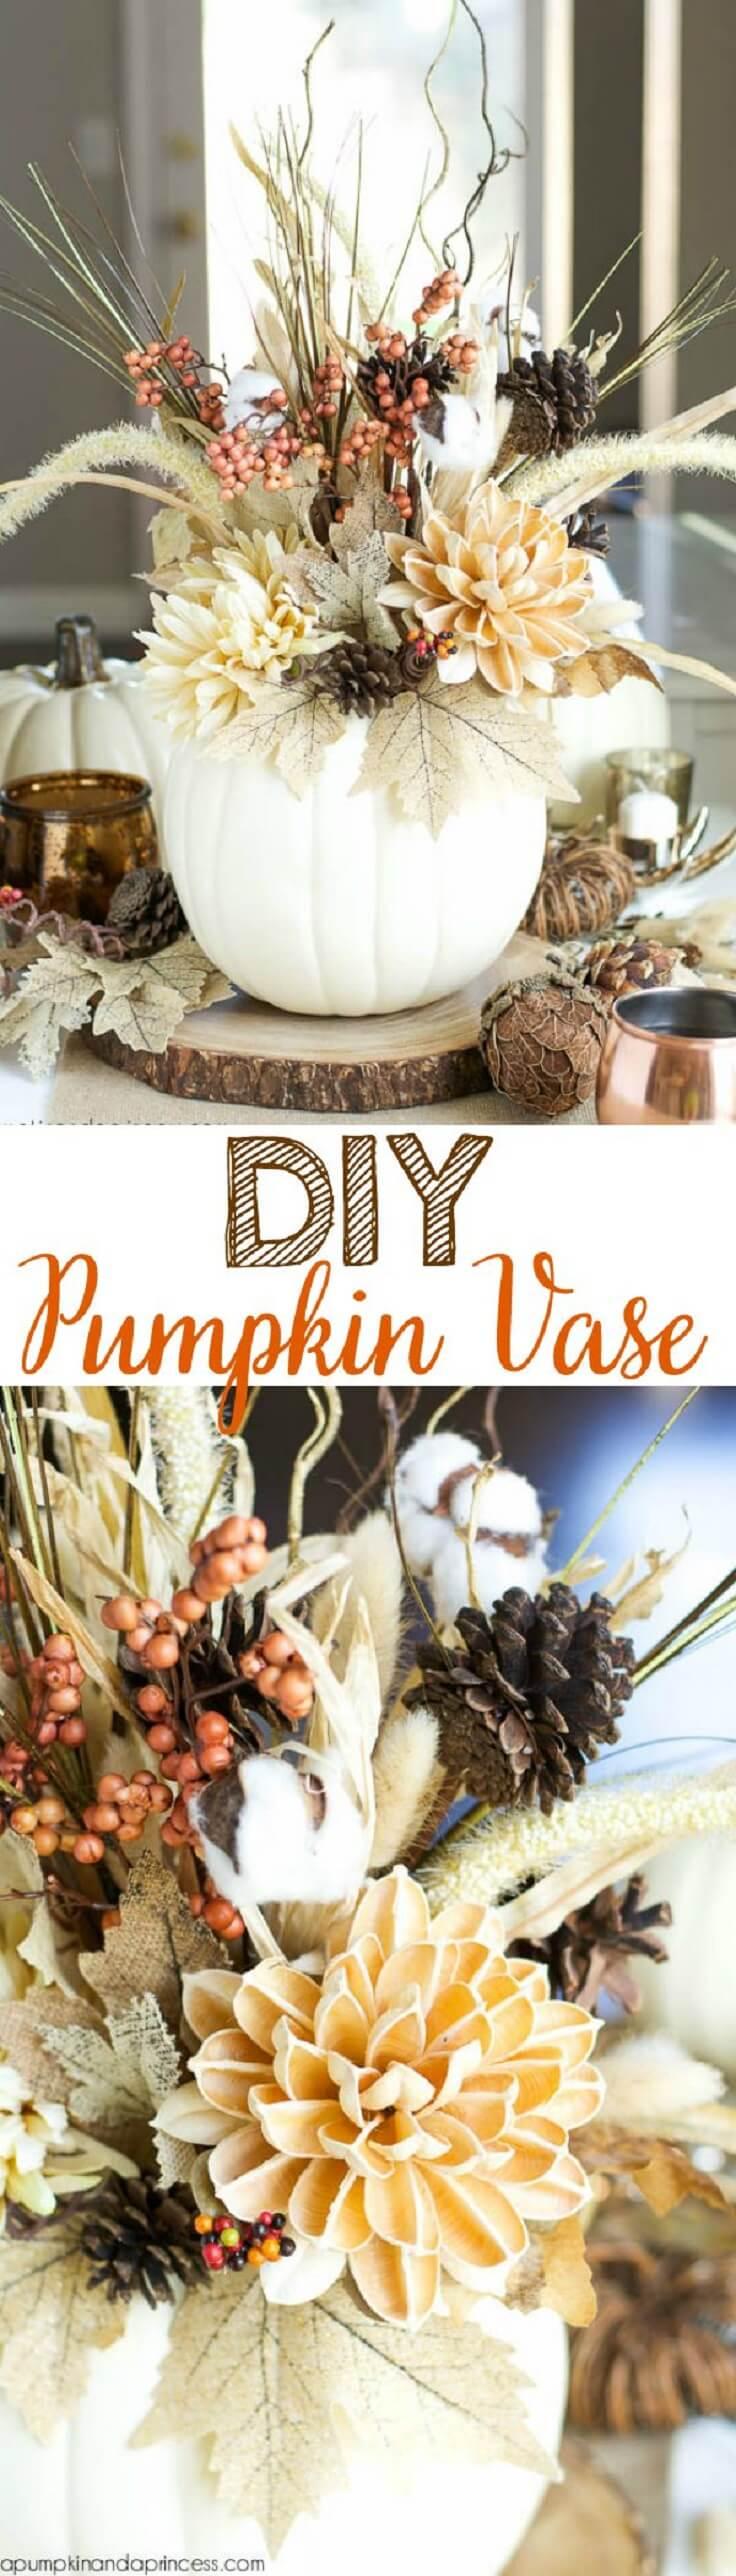 Pumpkins Make Great Vases